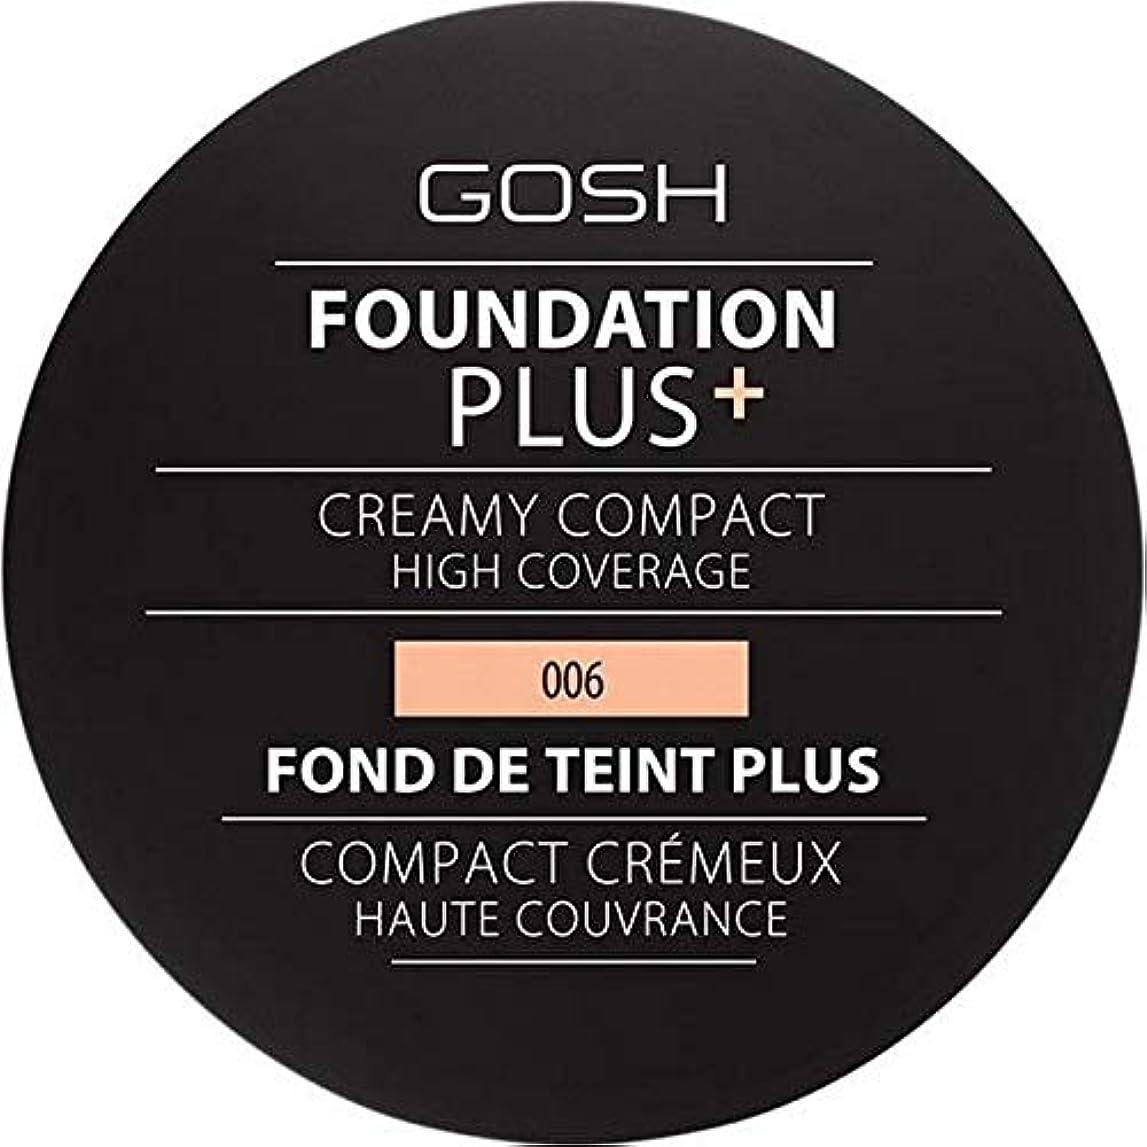 推進、動かすタイプ散歩[GOSH ] 基礎プラス+クリーミーコンパクト蜂蜜006 - Foundation Plus+ Creamy Compact Honey 006 [並行輸入品]